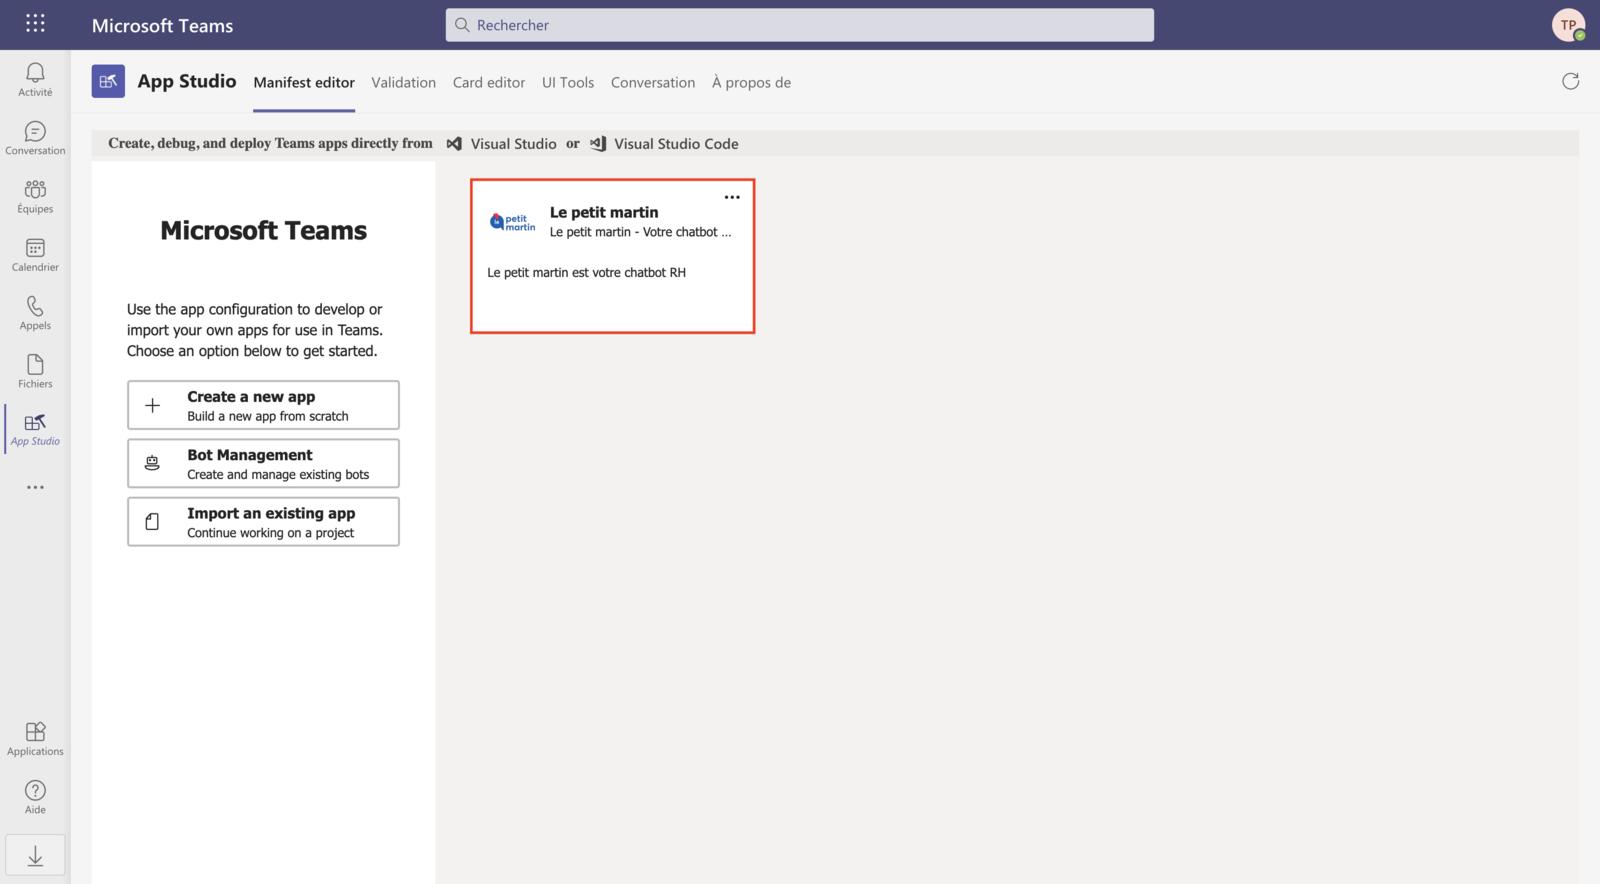 Accès aux paramètres de l'application Microsoft Teams